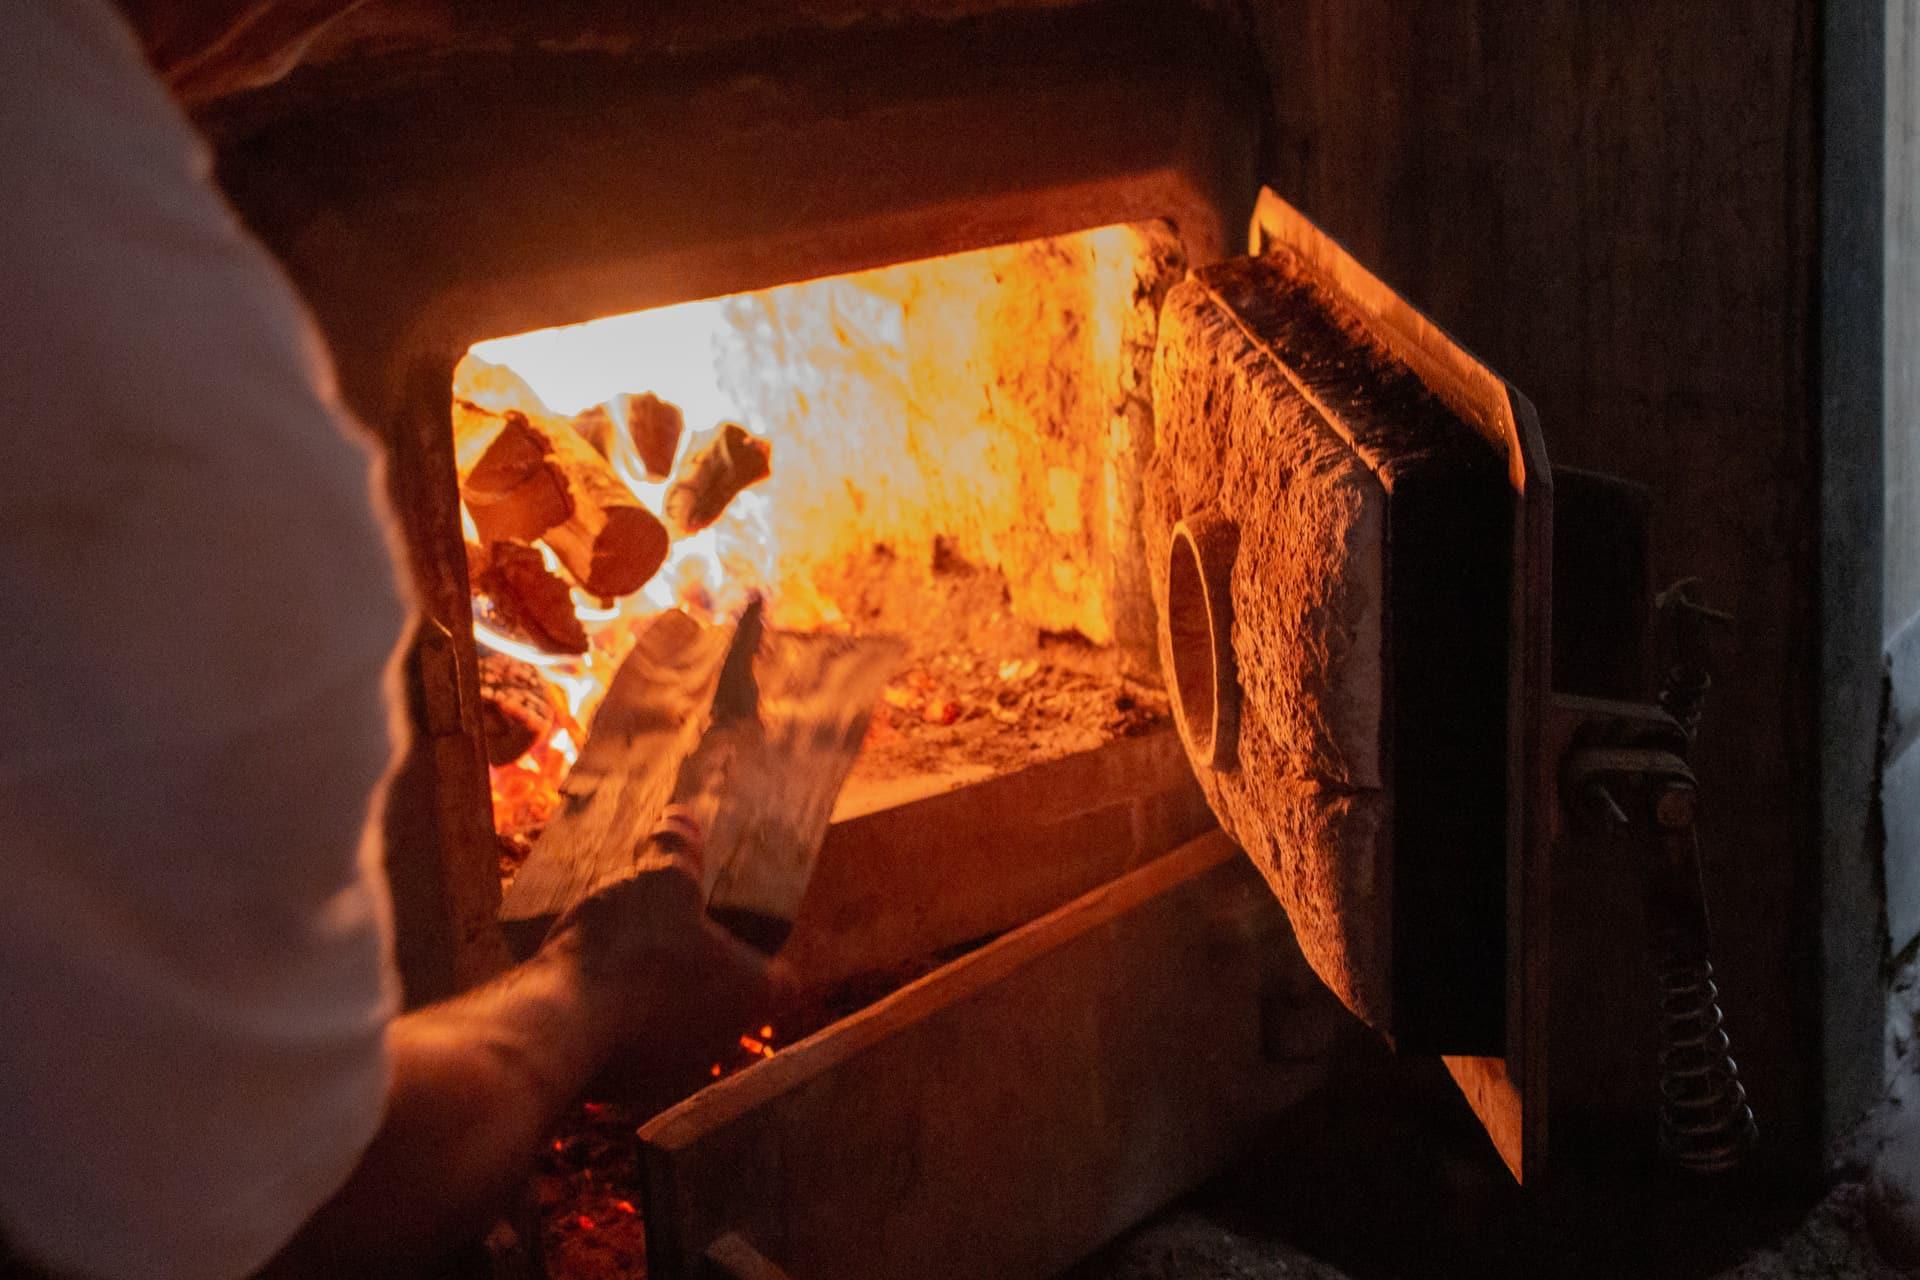 Pan de León Panadería Villabente Encendido del horno de leña